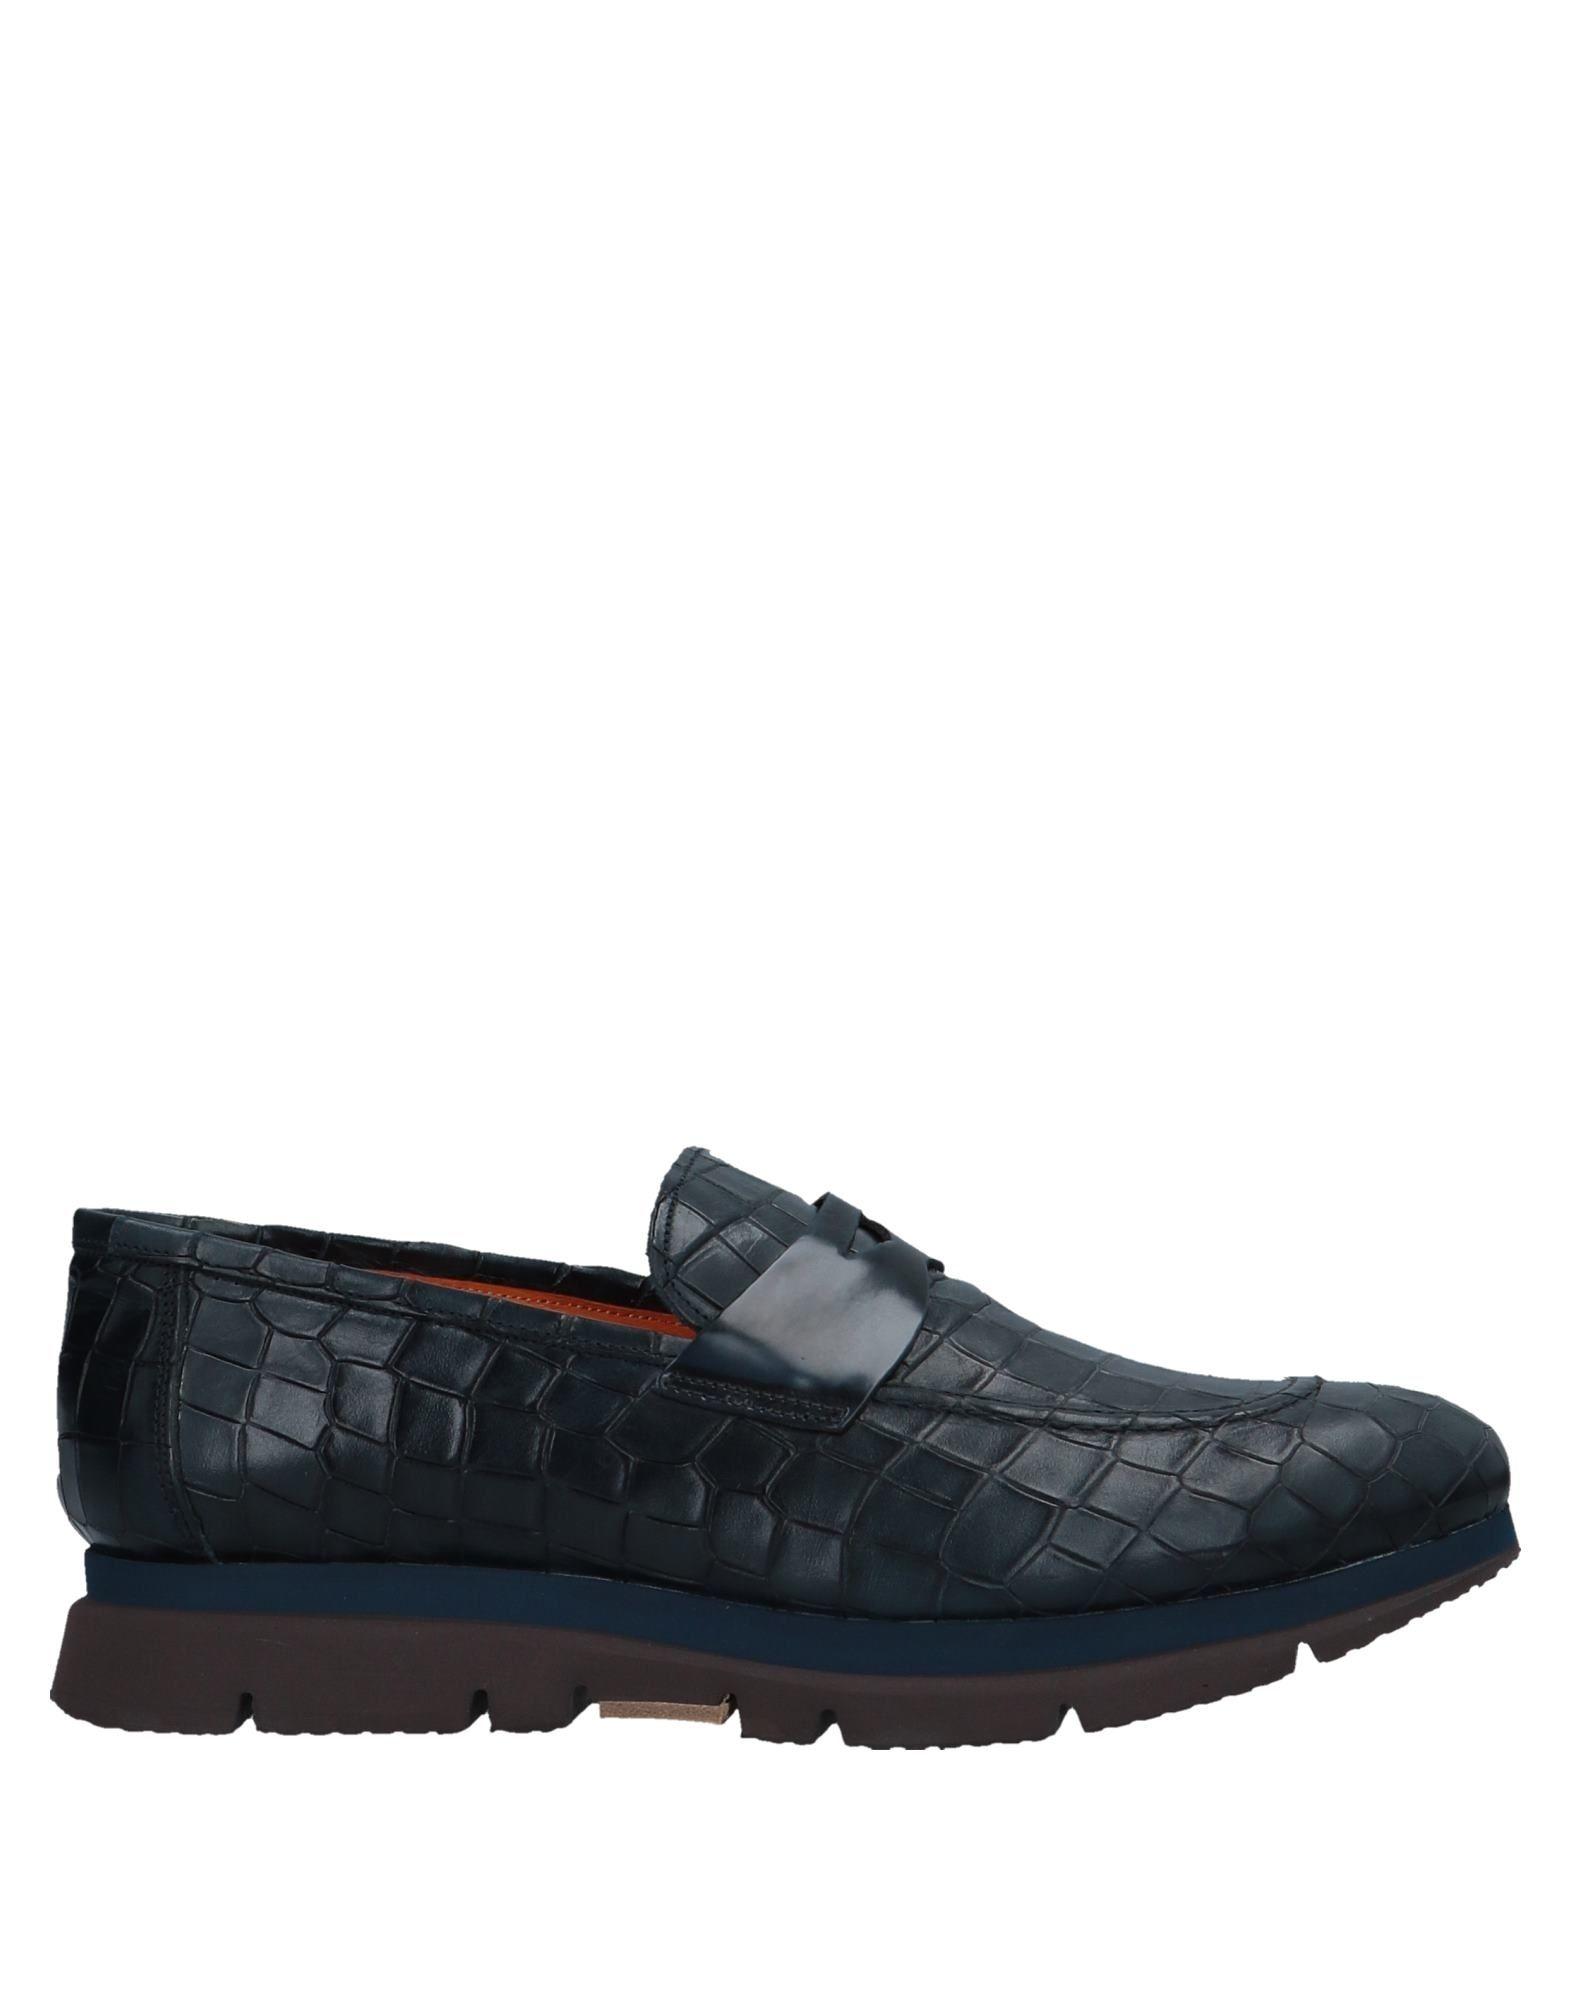 Domenico on Tagliente Loafers - Men Domenico Tagliente Loafers online on Domenico  Australia - 11543590RU 334cfe